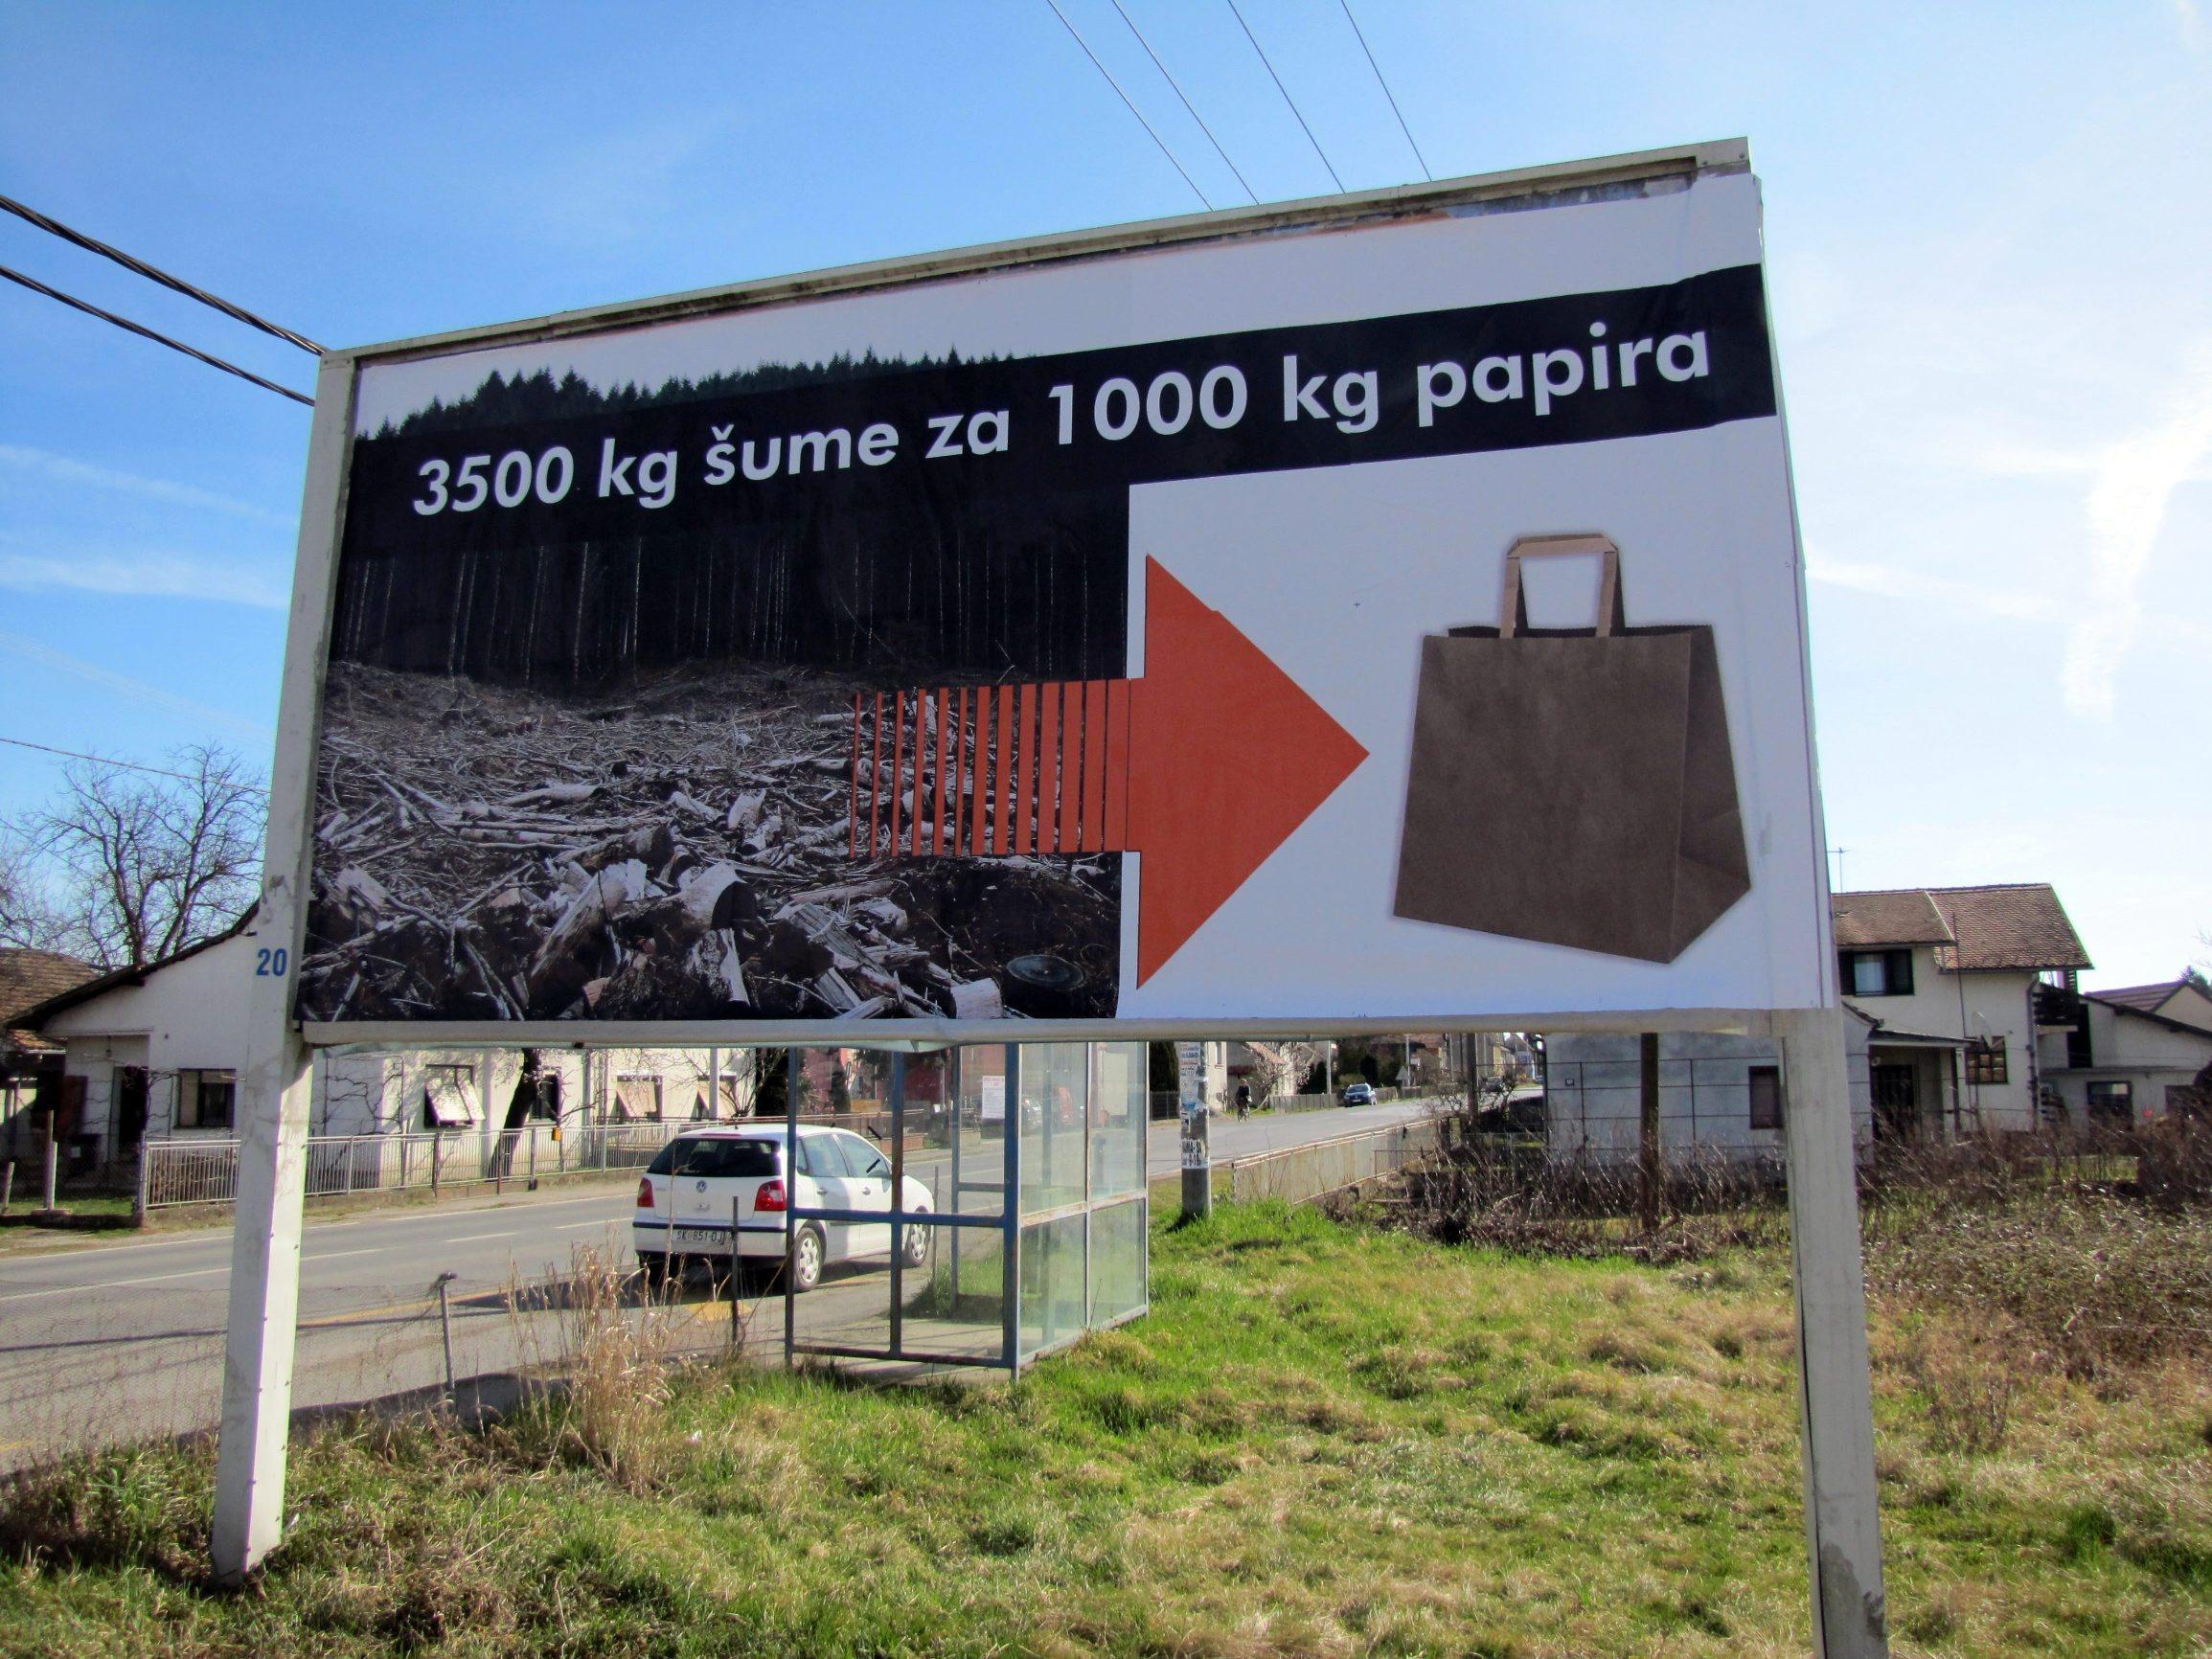 Sisak , 120320. Tvrtka Optiplast iz sisacke Odre jedan je od najvecih hrvatskih proizvodjaca polietilenskih vrecica. Potaknuti kampanjom za ukidanje vrecica vlasnik tvrtke Danijel Drcic,  pokrenuo je kampanju pojasnjavanja kako proizvodnja papirnatih ili platnenih vrecica puno vise zagadjuje okolis od proizvodnje i upotrebe polietilenskih vrecica Na fotografiji: Dio jumboplakata koje ce Optiplast postaviti diljem Hrvatske Foto: Mate Piskor / CROPIX